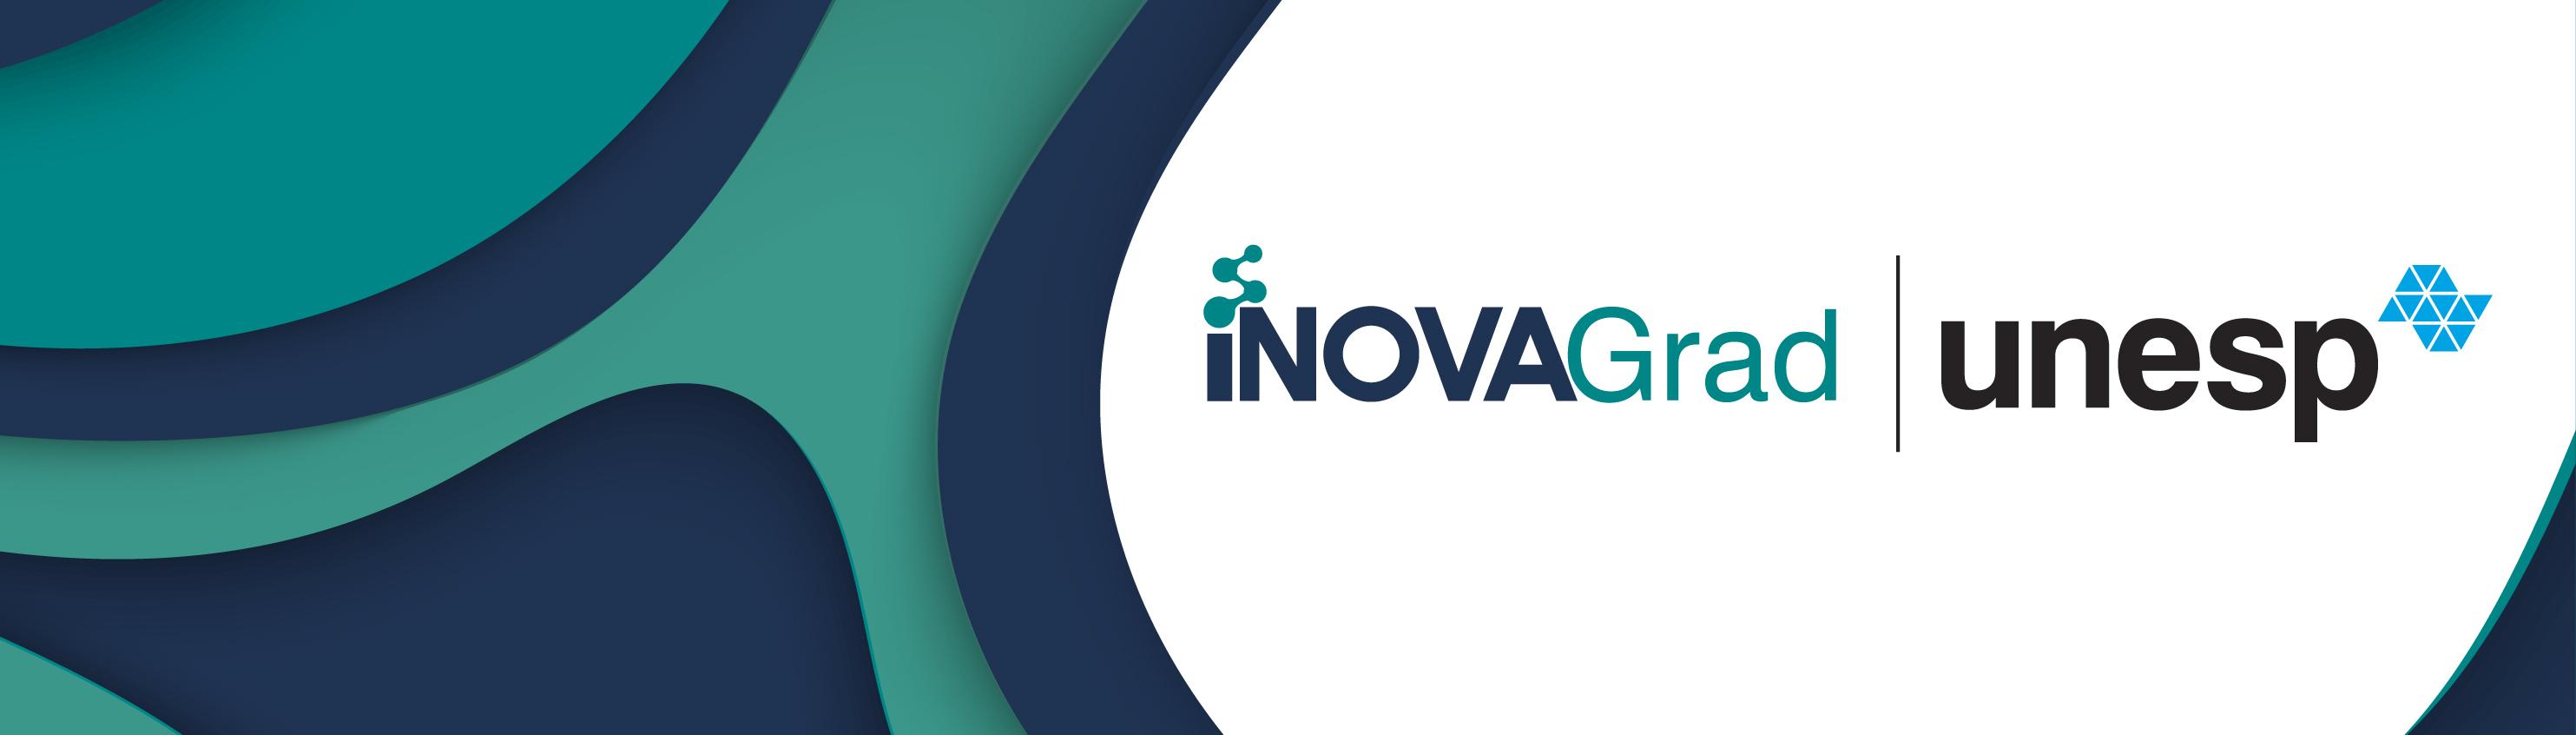 Banner para acesso à página iNOVAGrad